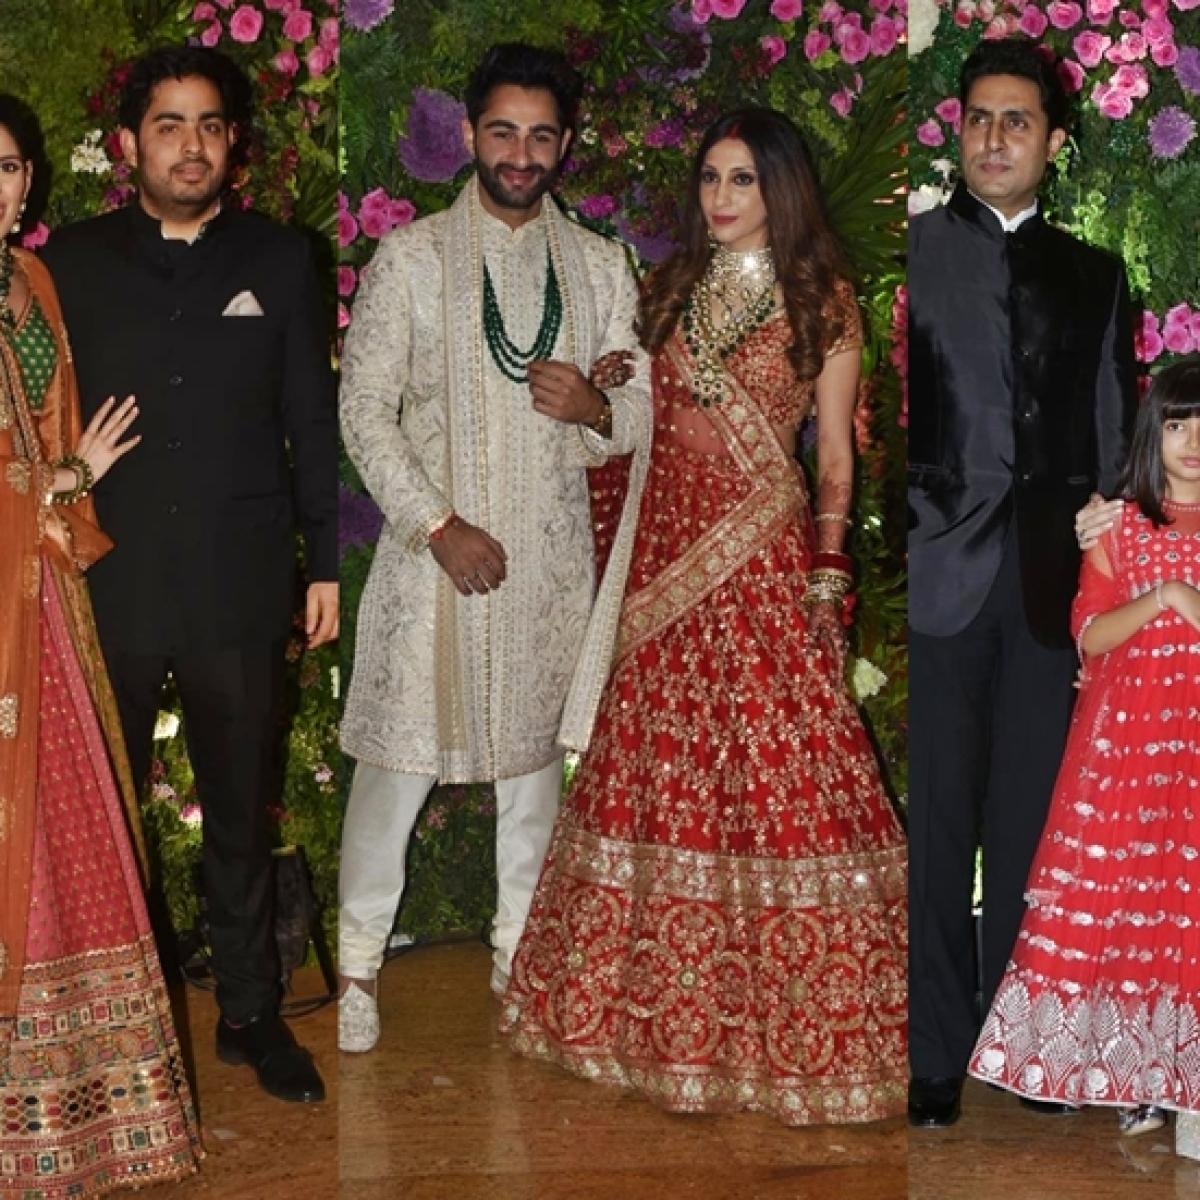 In Pics: From Ambanis to Bachchans, stars unite at Armaan Jain's big fat Punjabi wedding